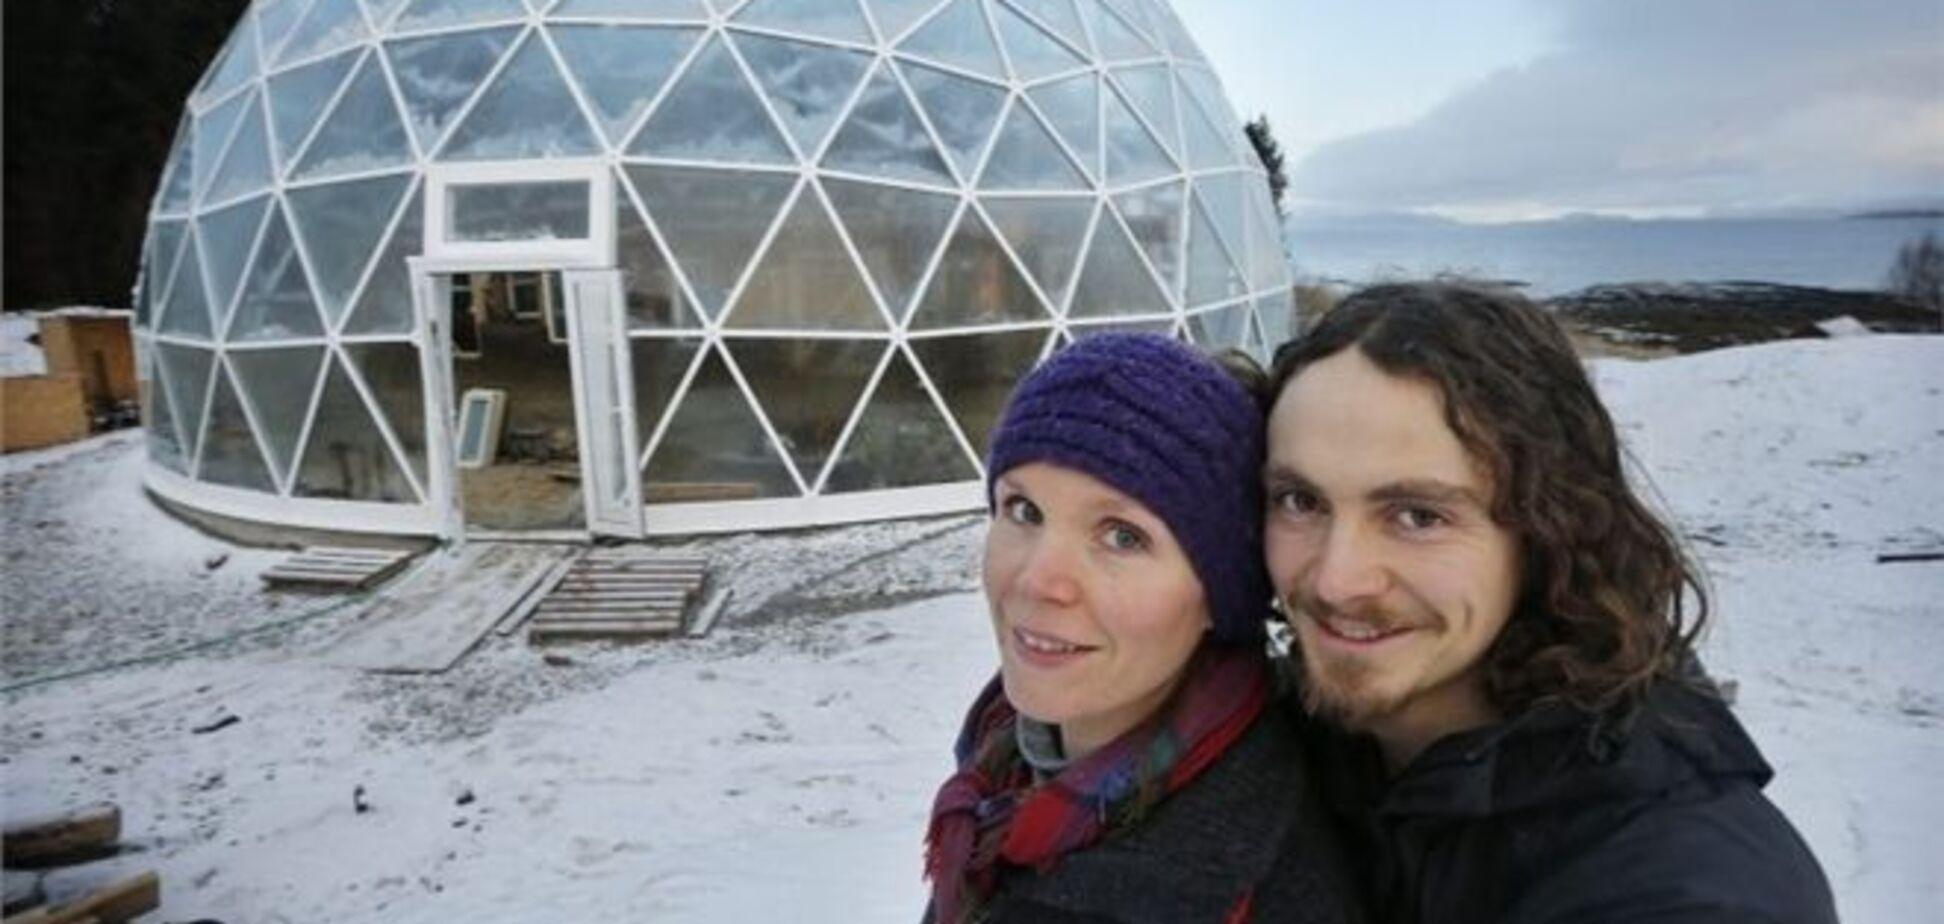 Пара из Норвегии поселилась в стеклянном 'домике хоббита'